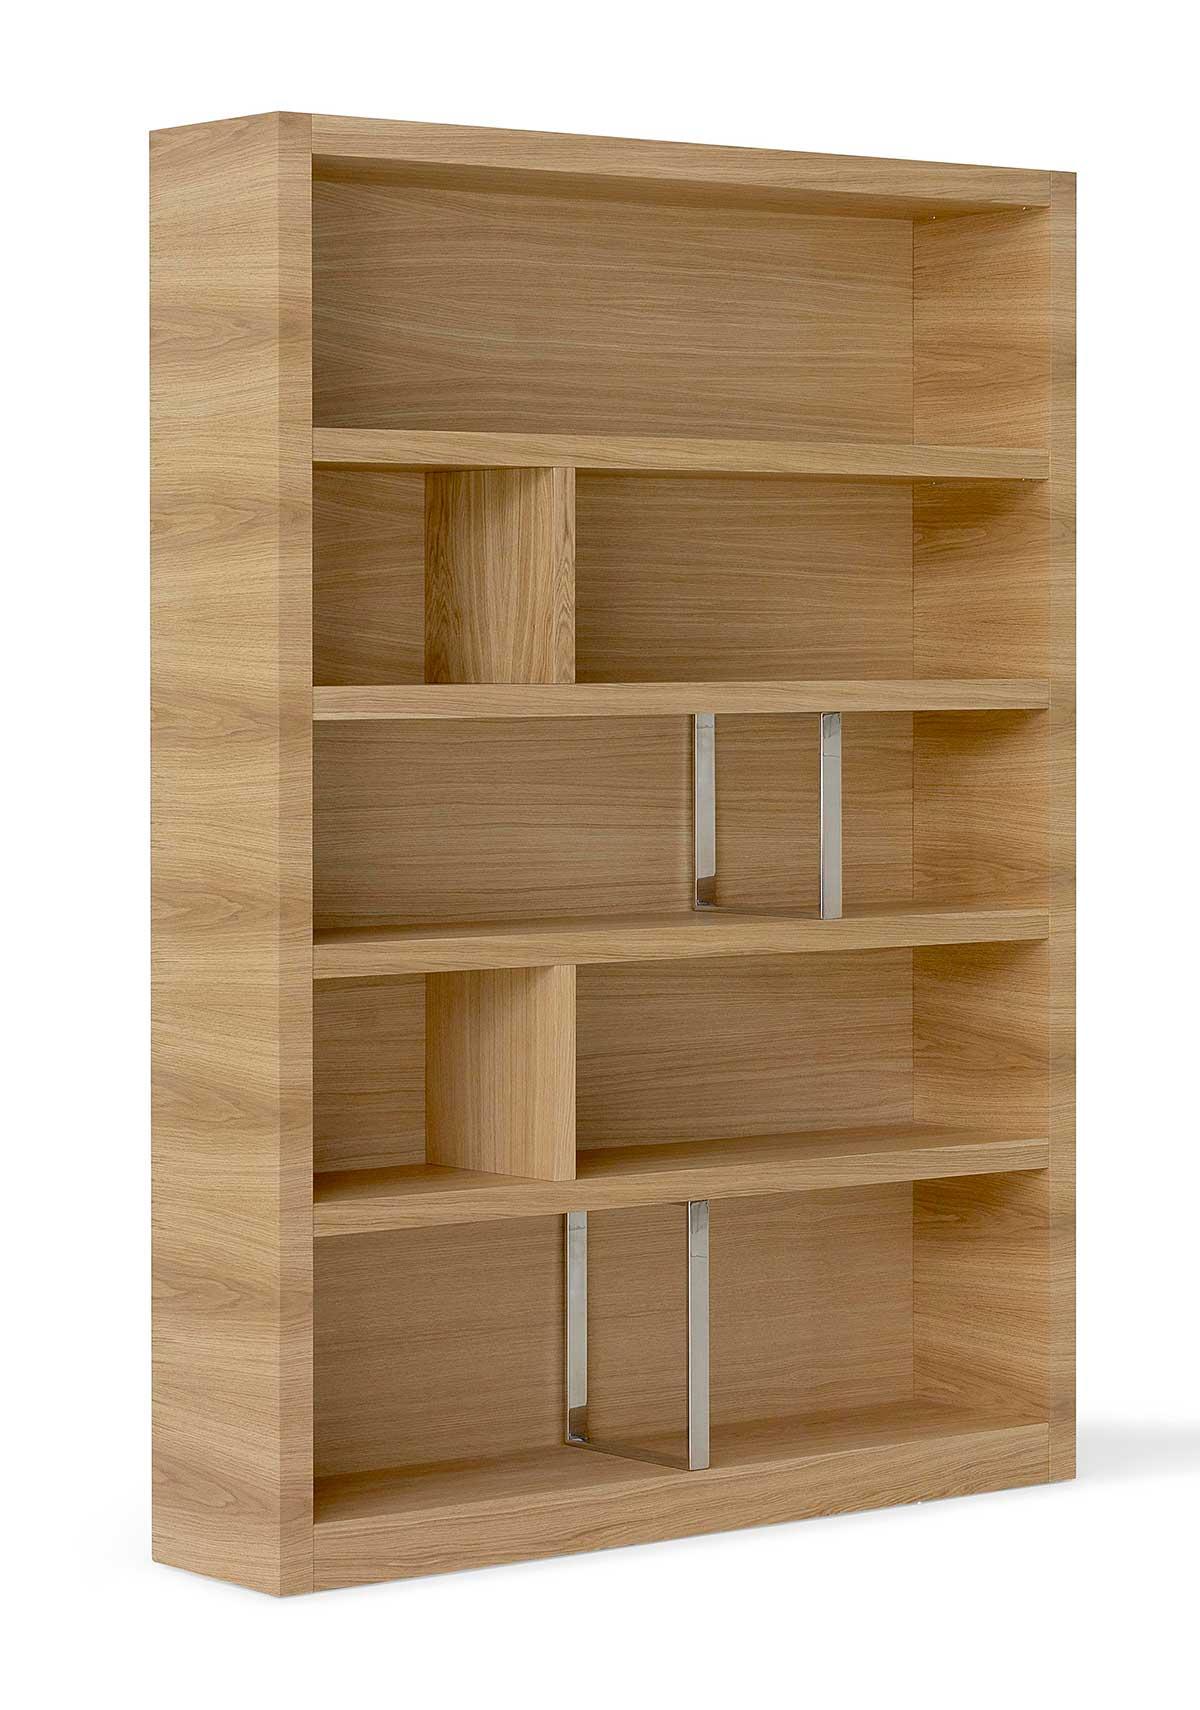 Mesas de salón y sillas para comedor, estanterías de madera modernas